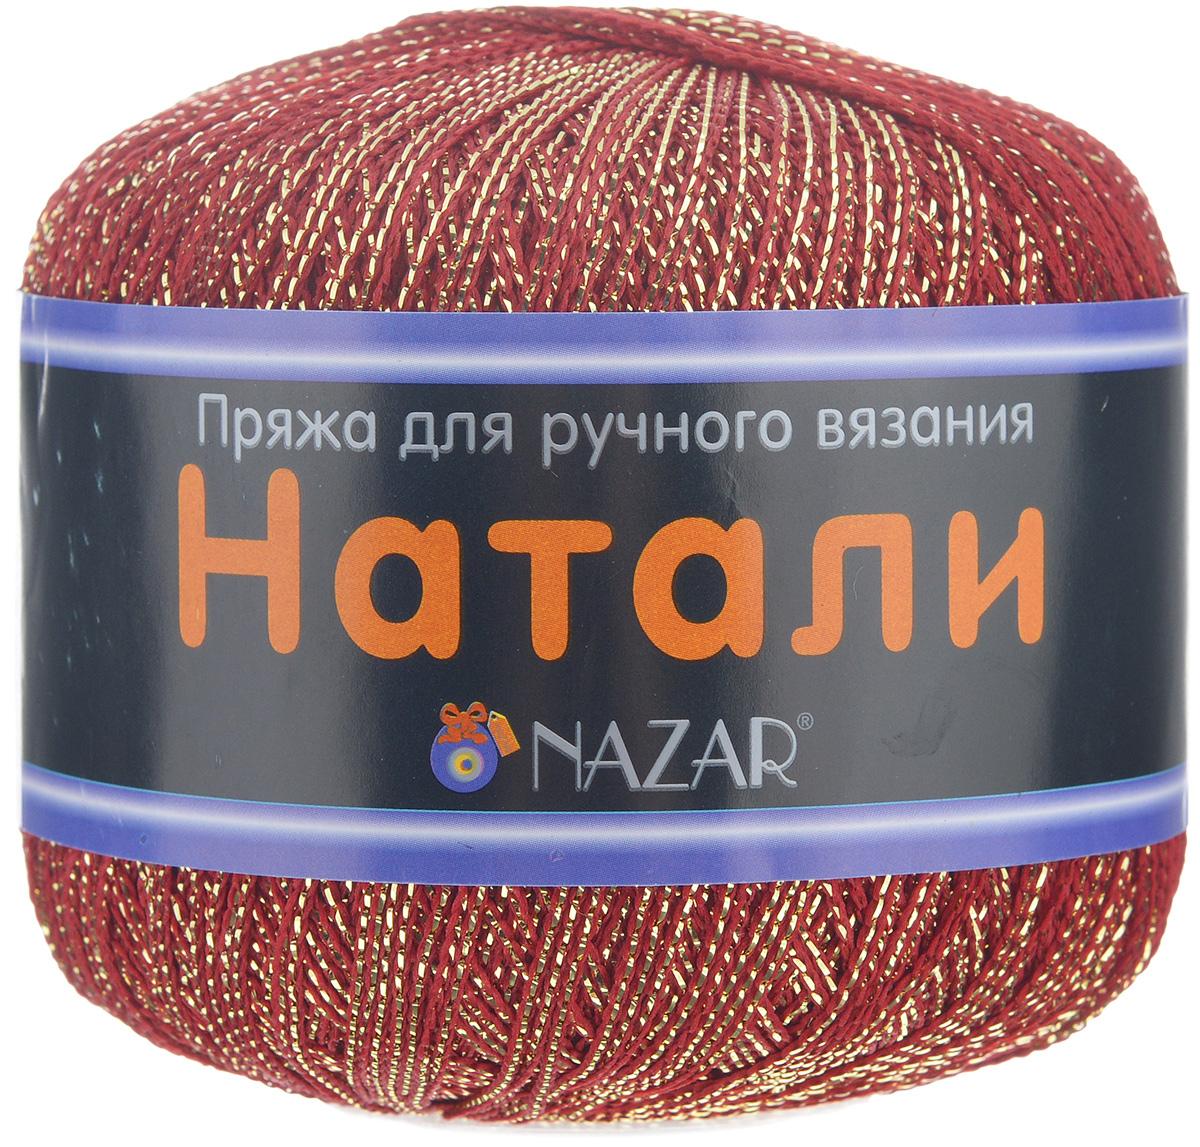 Пряжа для вязания Nazar Натали, цвет: красный, золотистый (8013), 330 м, 50 г, 10 шт349004_8013 красн./зол.Пряжа для вязания Nazar Натали изготовлена из 50% полиэстера, 50% люрекса. Эта пряжа подходит как для вязания одежды, так и для создания элементов декора. При плотном вязании эта пряжа очень хорошо держит заданную форму. Подходит для вязания на спицах и крючках 2,5-3 мм. Состав: 50% полиэстер, 50% люрекс.